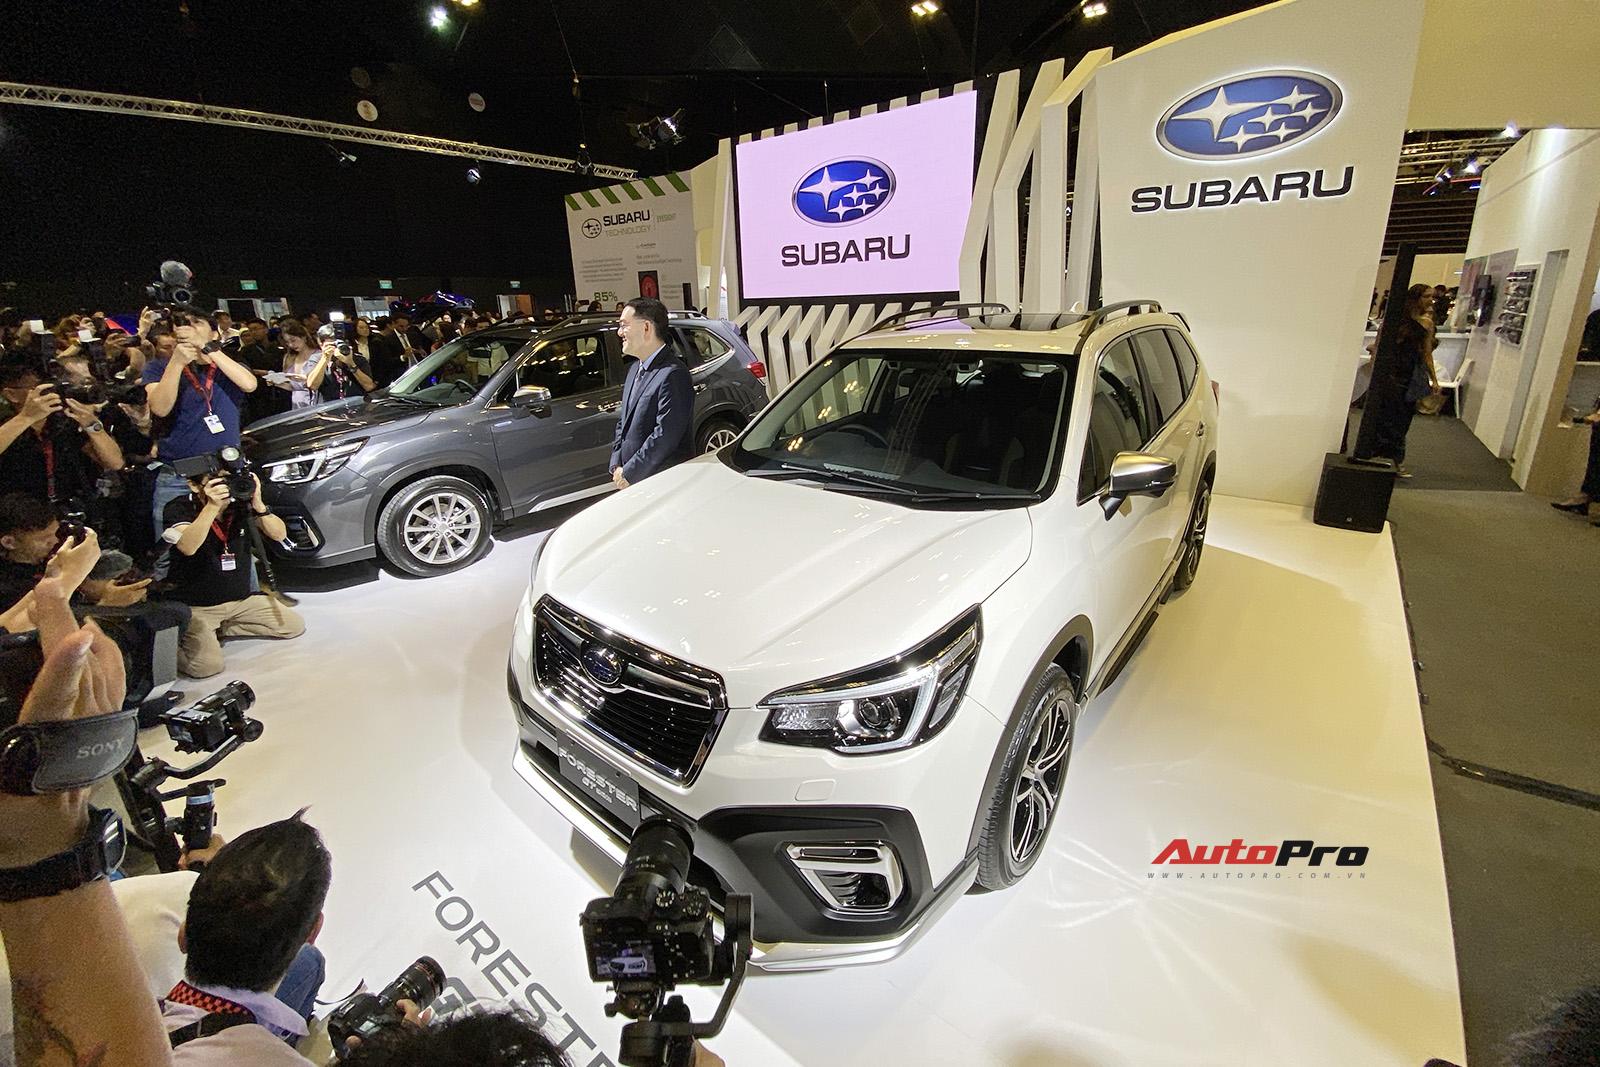 Ra mắt Subaru Forester 2020: Về Việt Nam ngay sau Tết, thêm công nghệ đấu Mazda CX-5